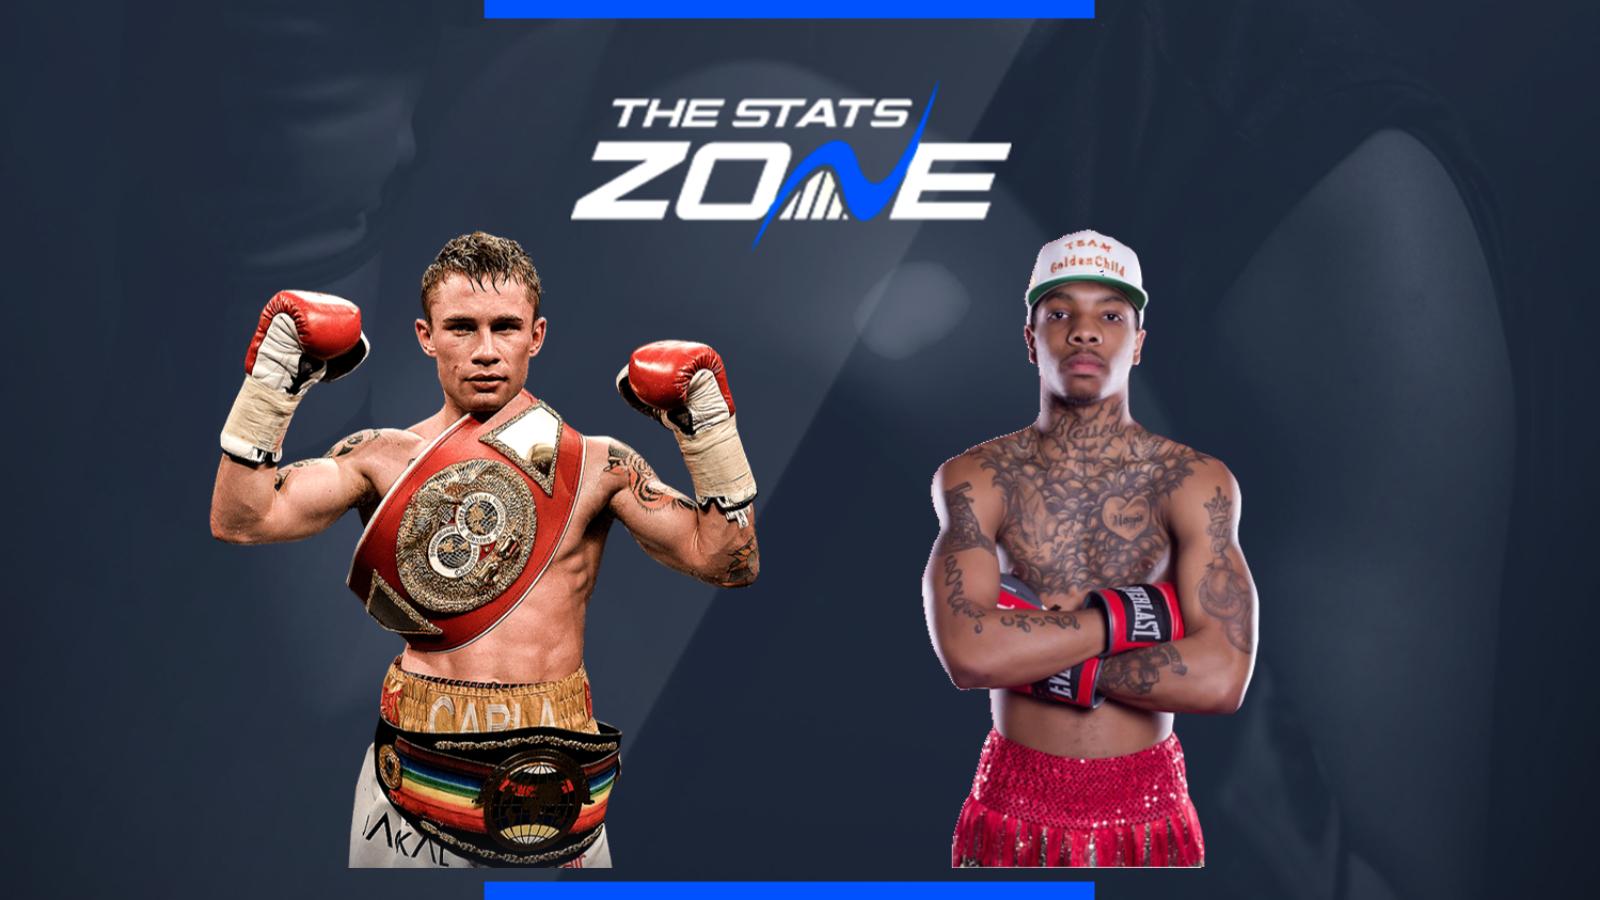 Carl Frampton vs Tyler McCreary Preview & Prediction - The Stats Zone